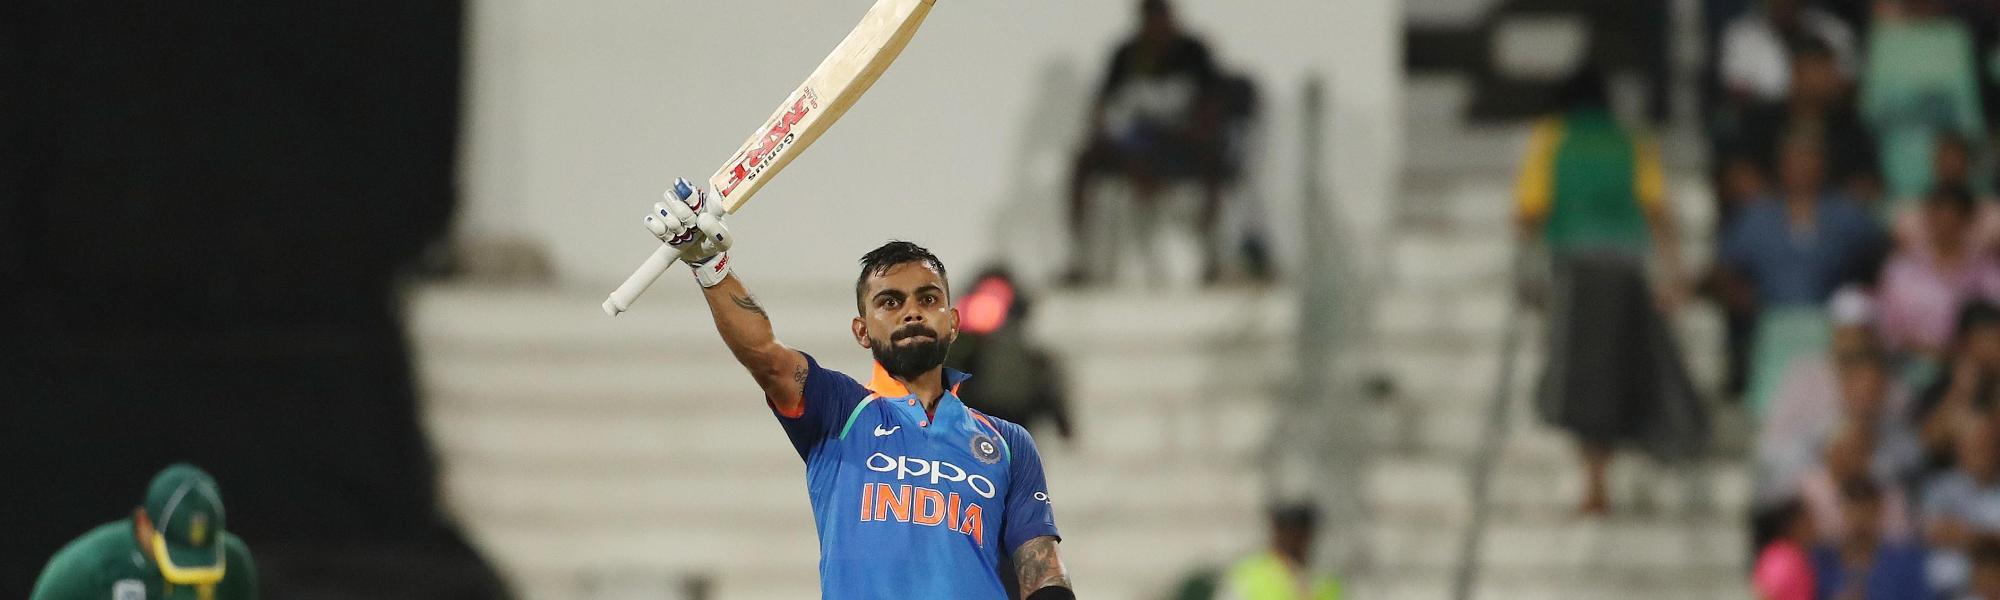 Kohli celebrates his 33rd ODI century